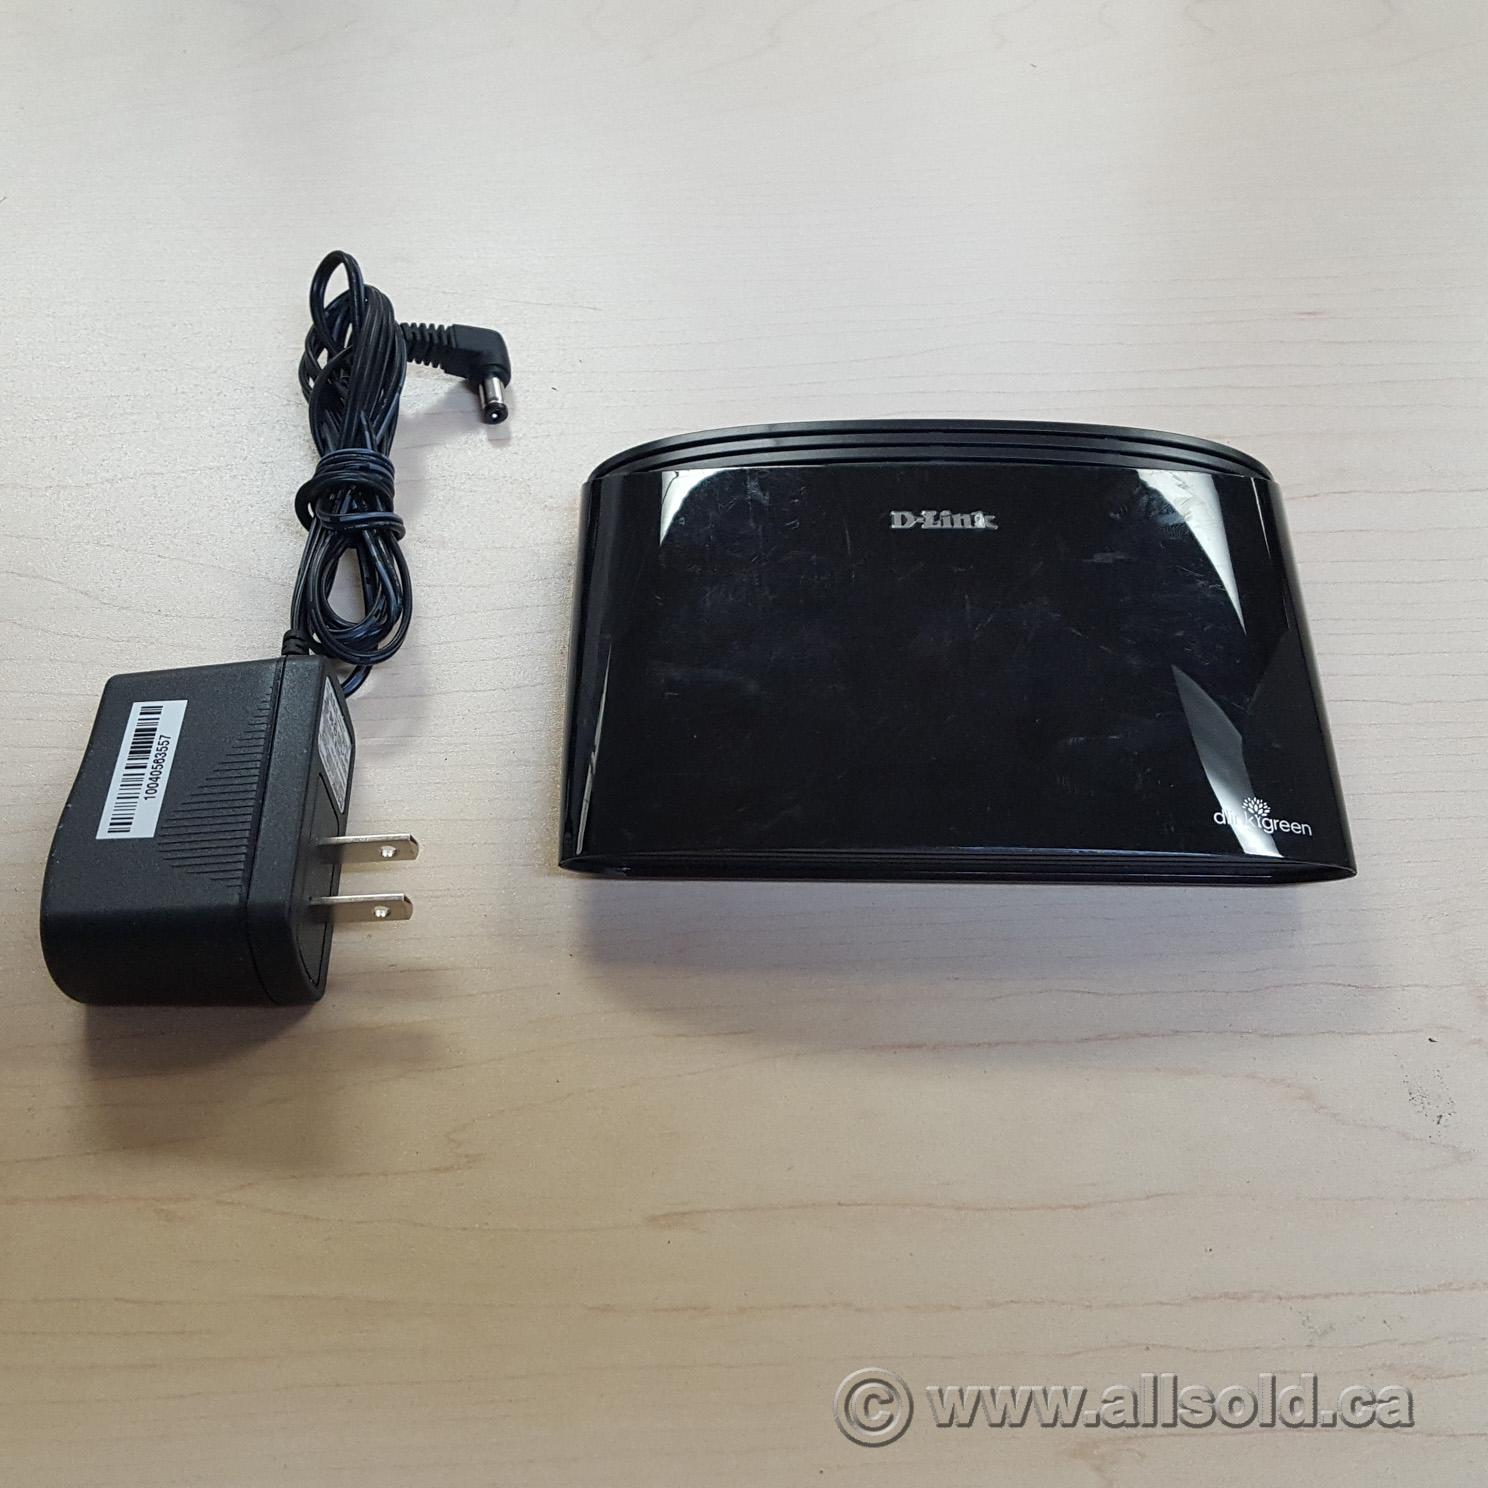 D Link 5 Port Gigabit Switch Dgs 1005g Allsold Ca